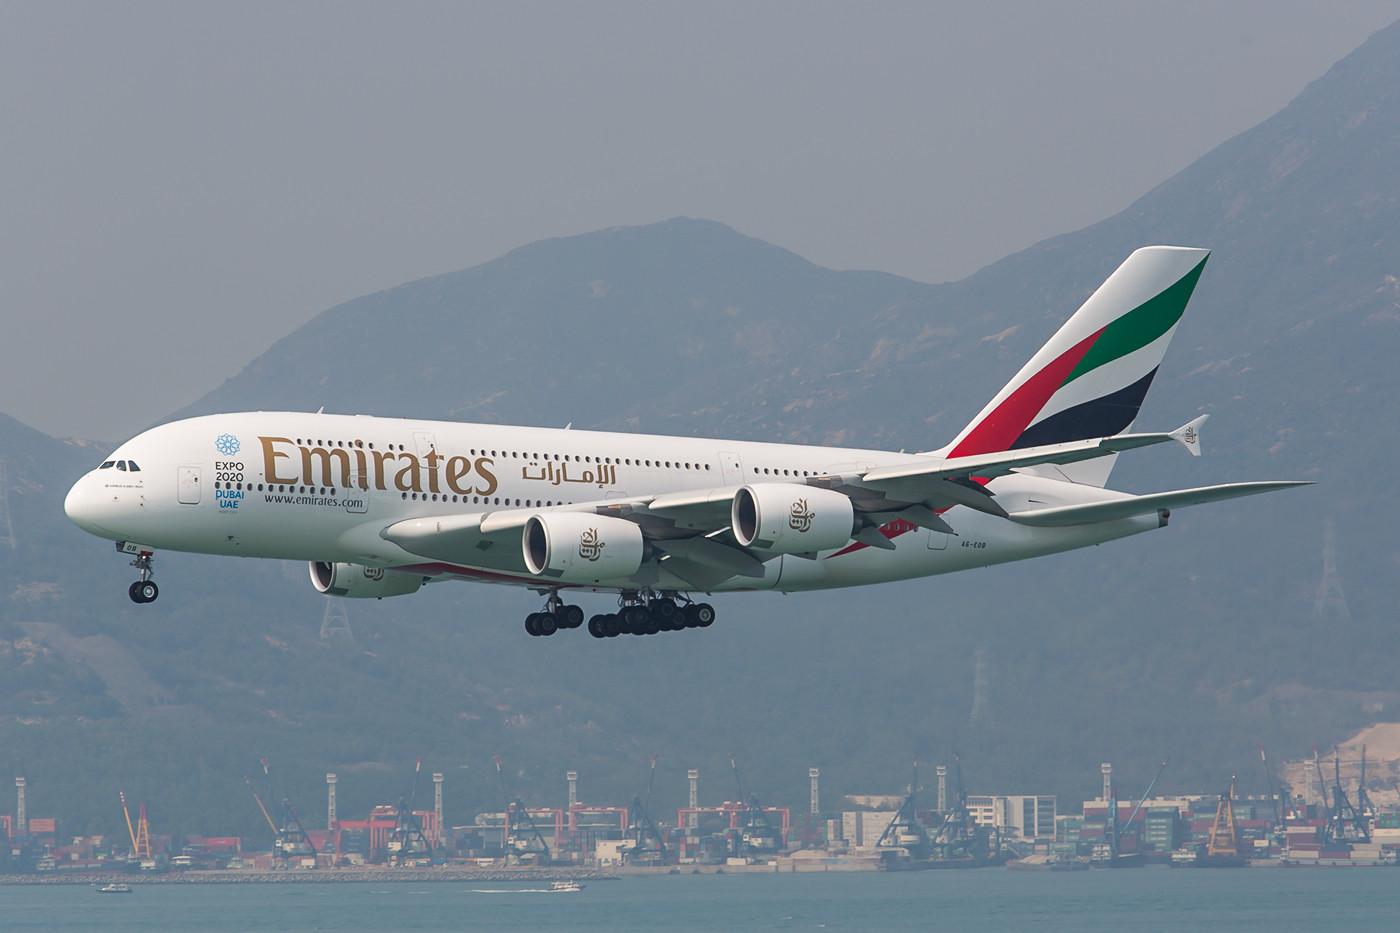 Da Emirates ja genügend A 380 besitzt kommt dieser auch nach HKG zum Einsatz.